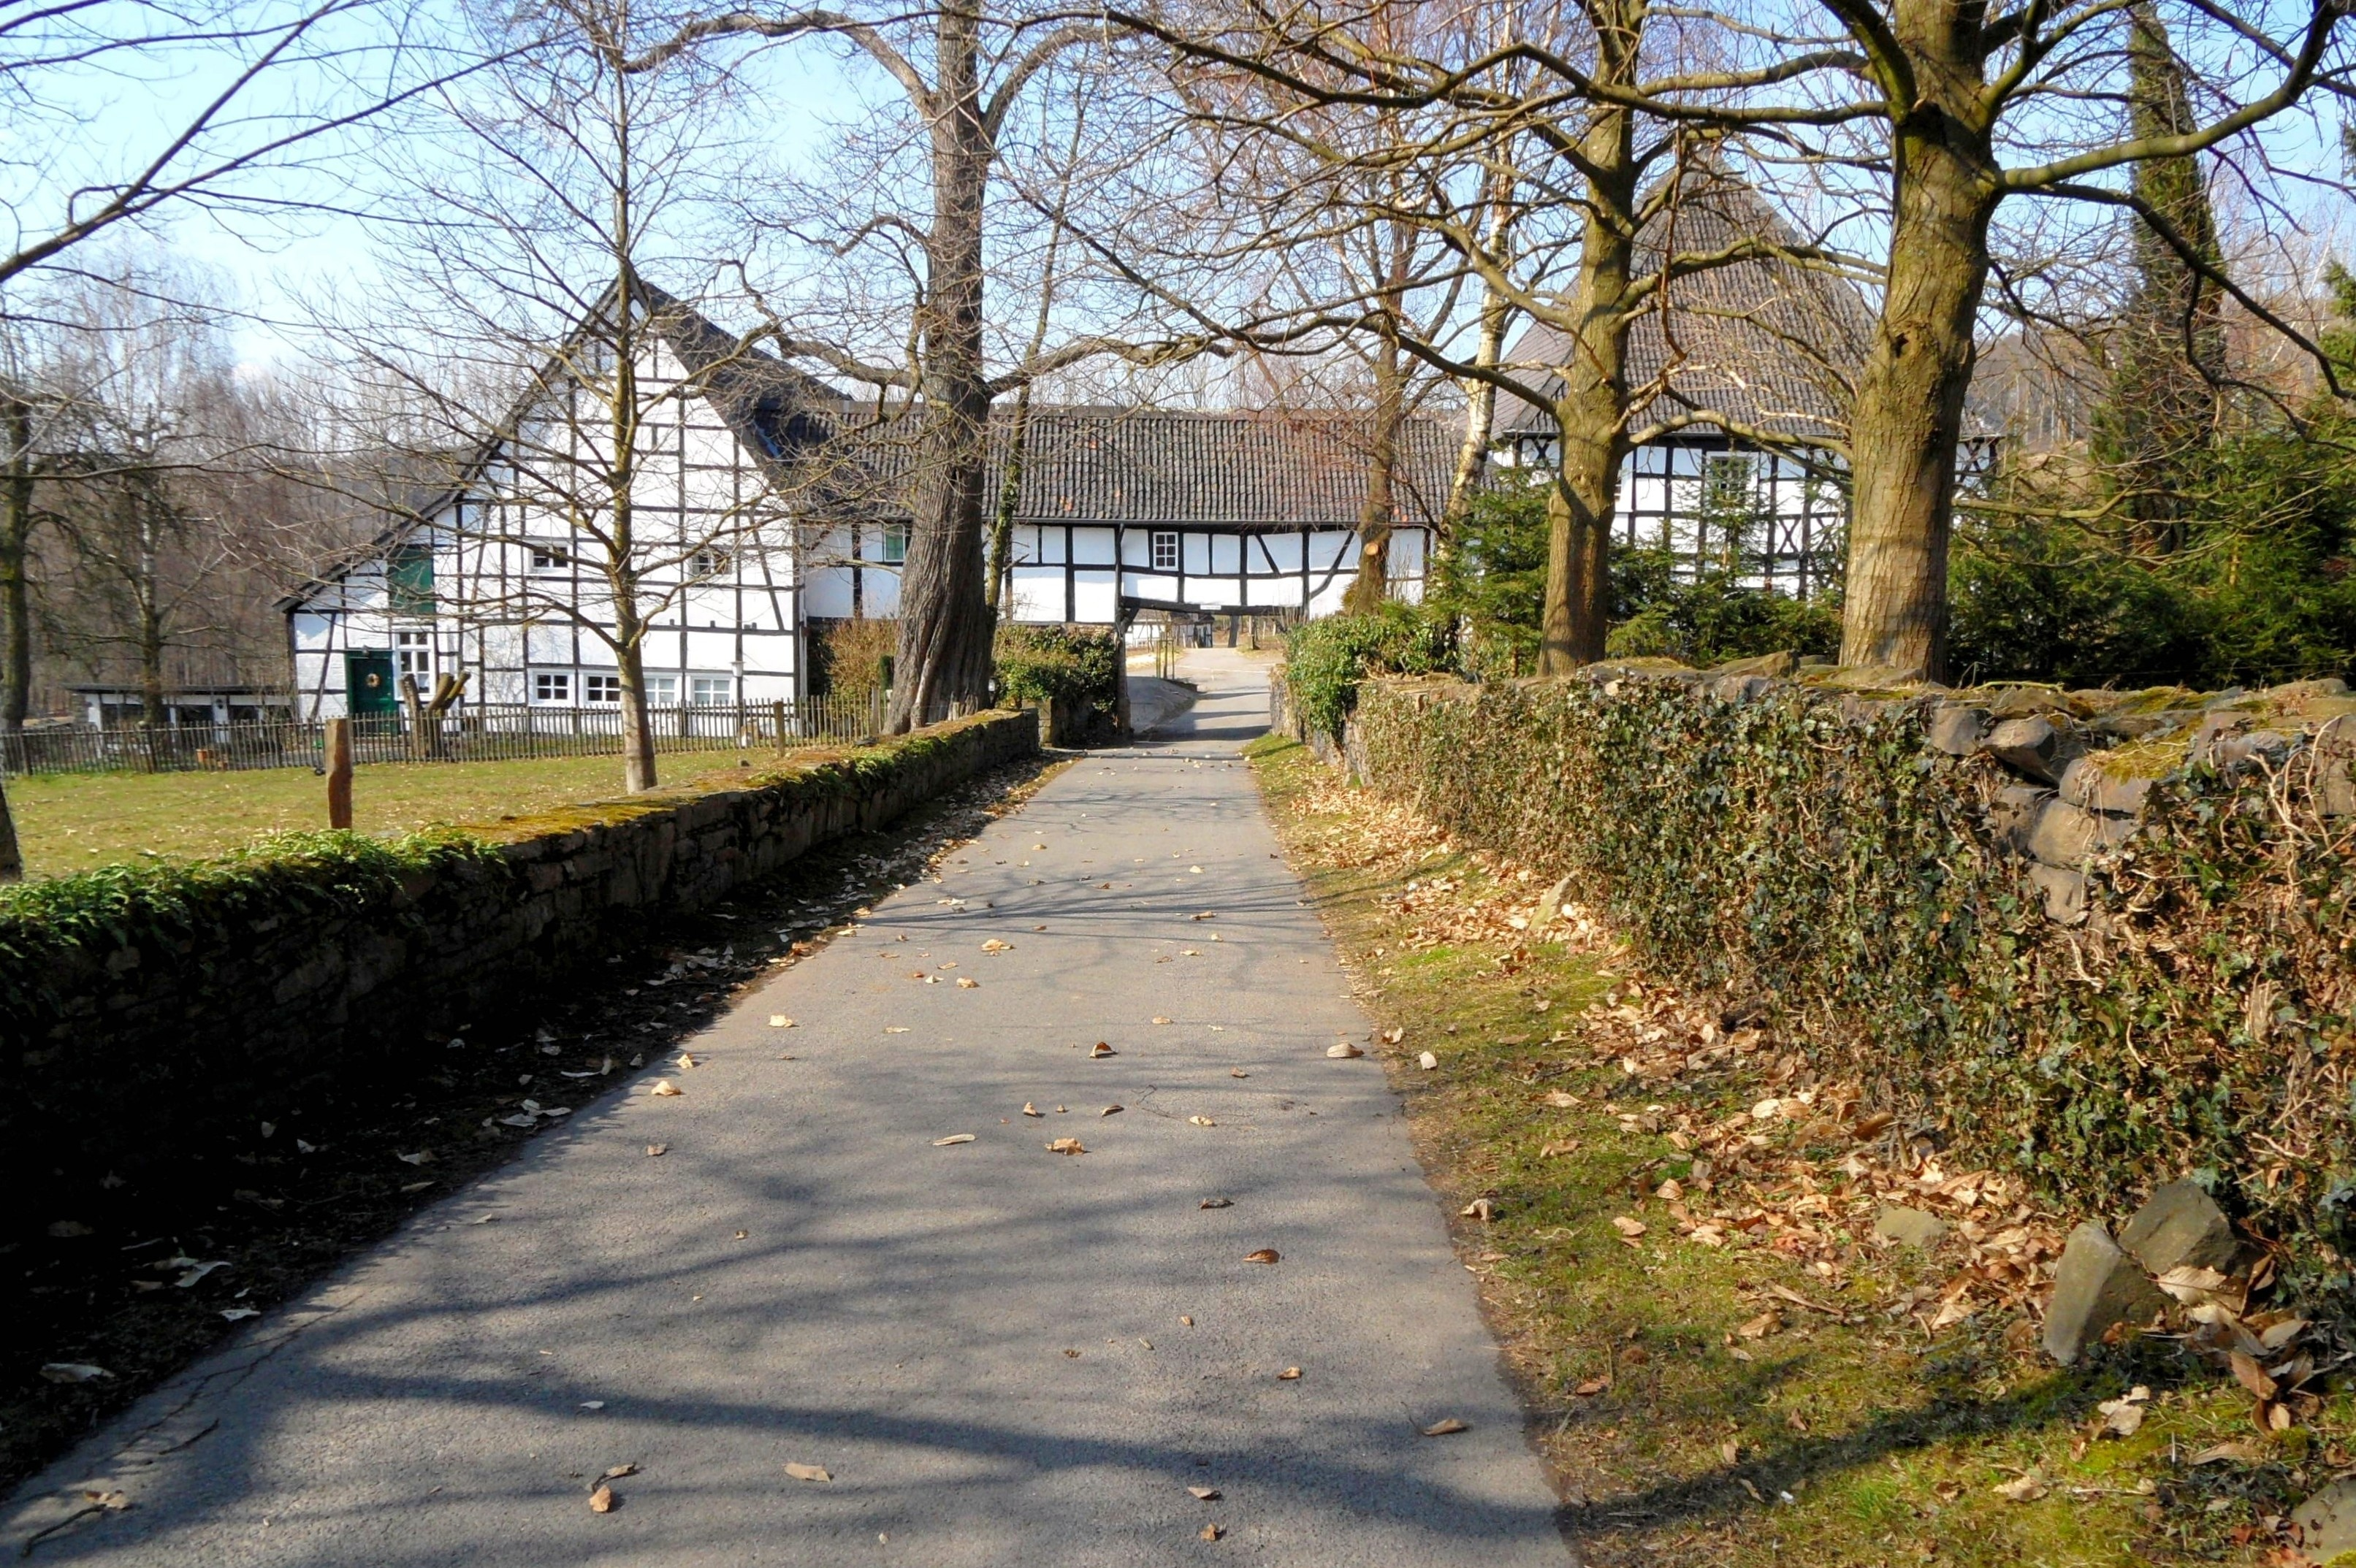 Herdecke, Rhénanie-du-Nord-Westphalie, Allemagne